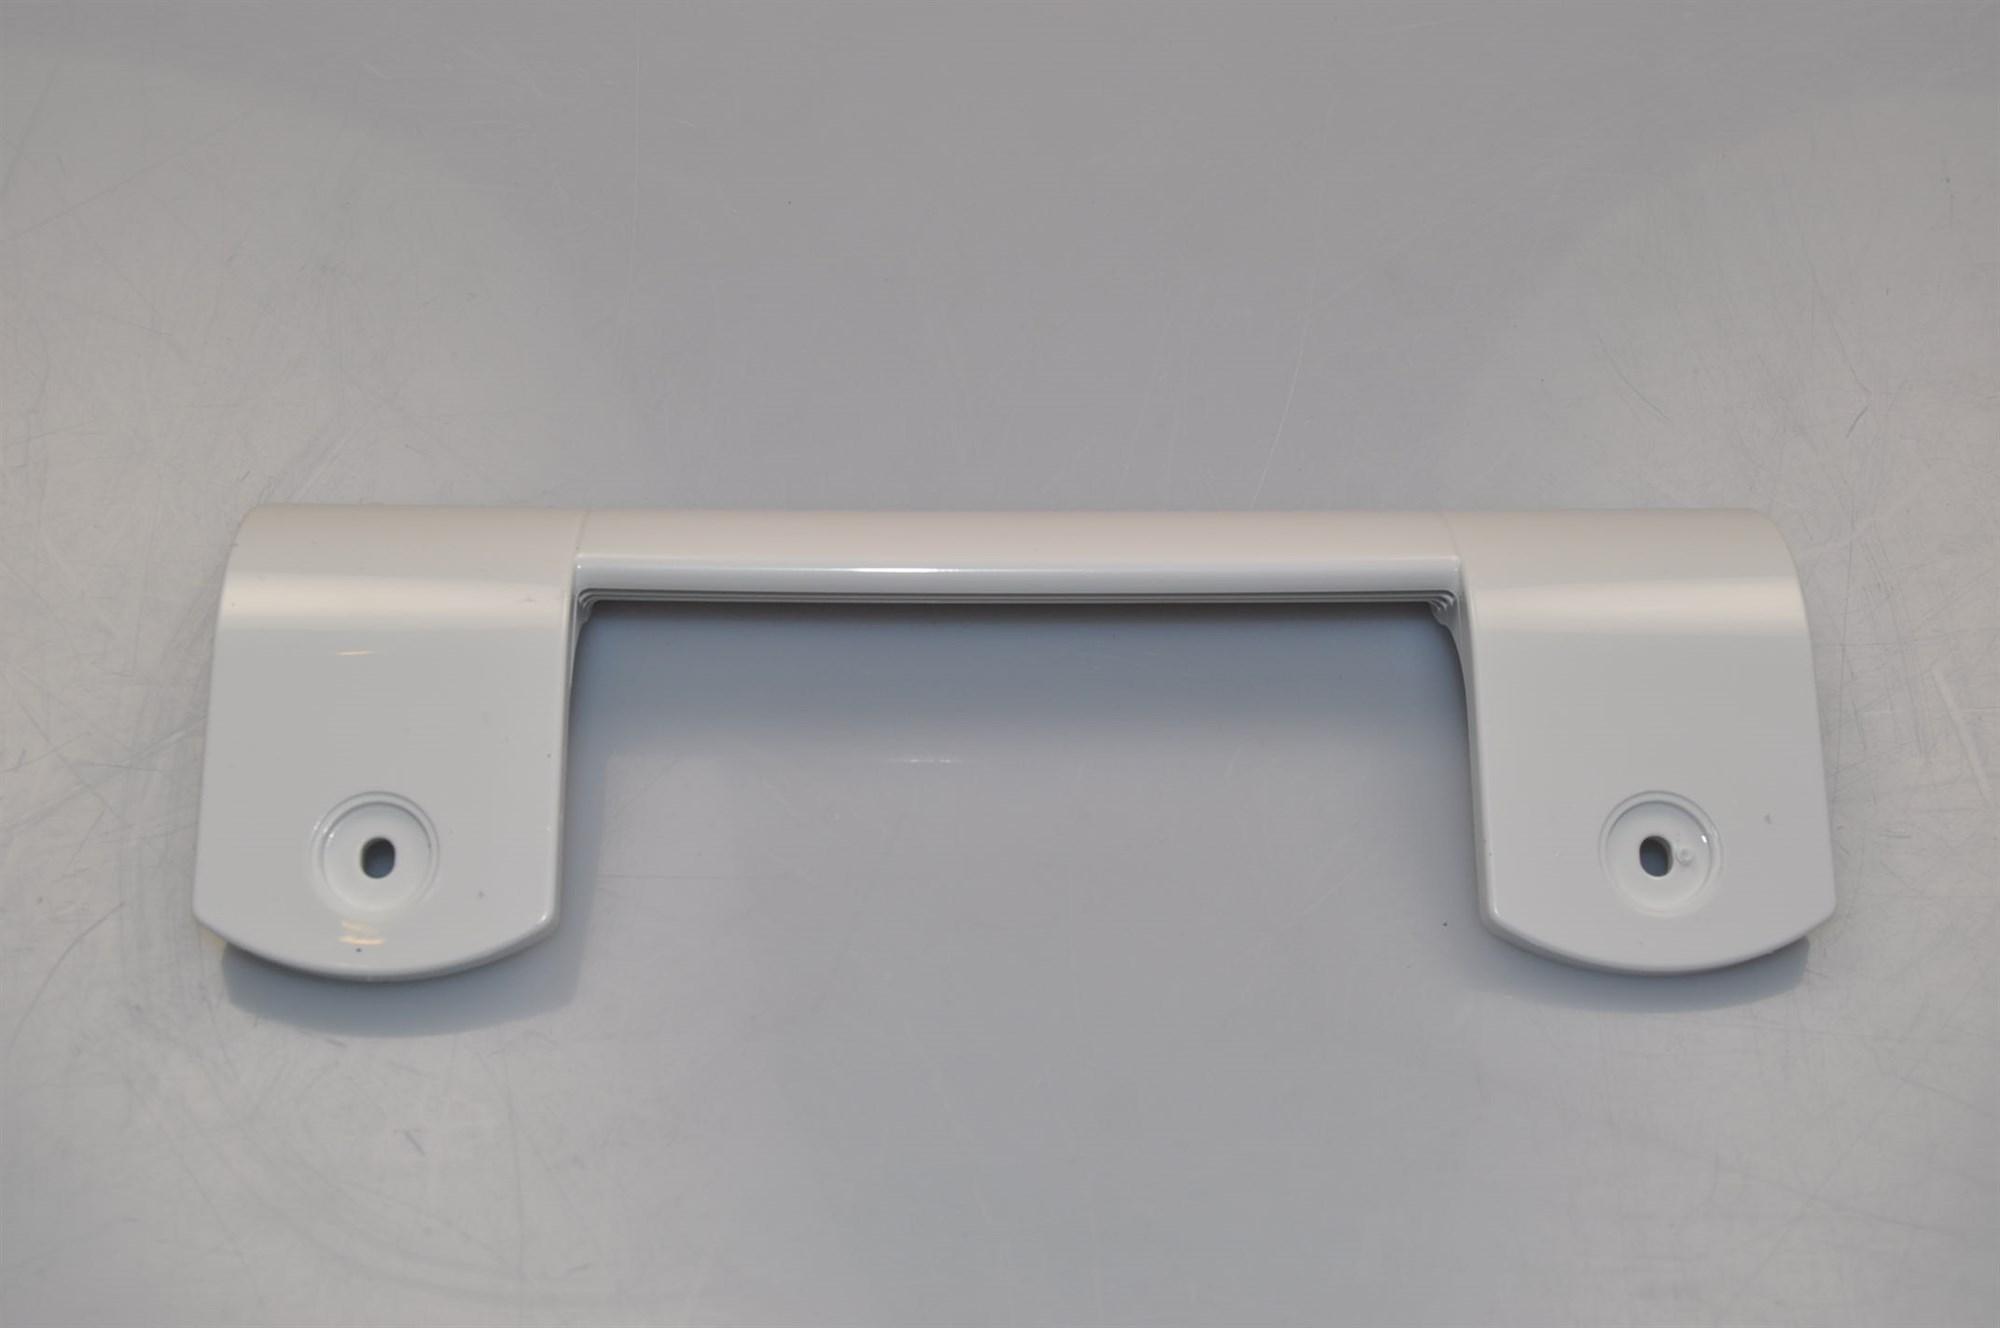 Gorenje Kühlschrank Ersatzteile Türfach : Griff gorenje kühl gefrierschrank mm